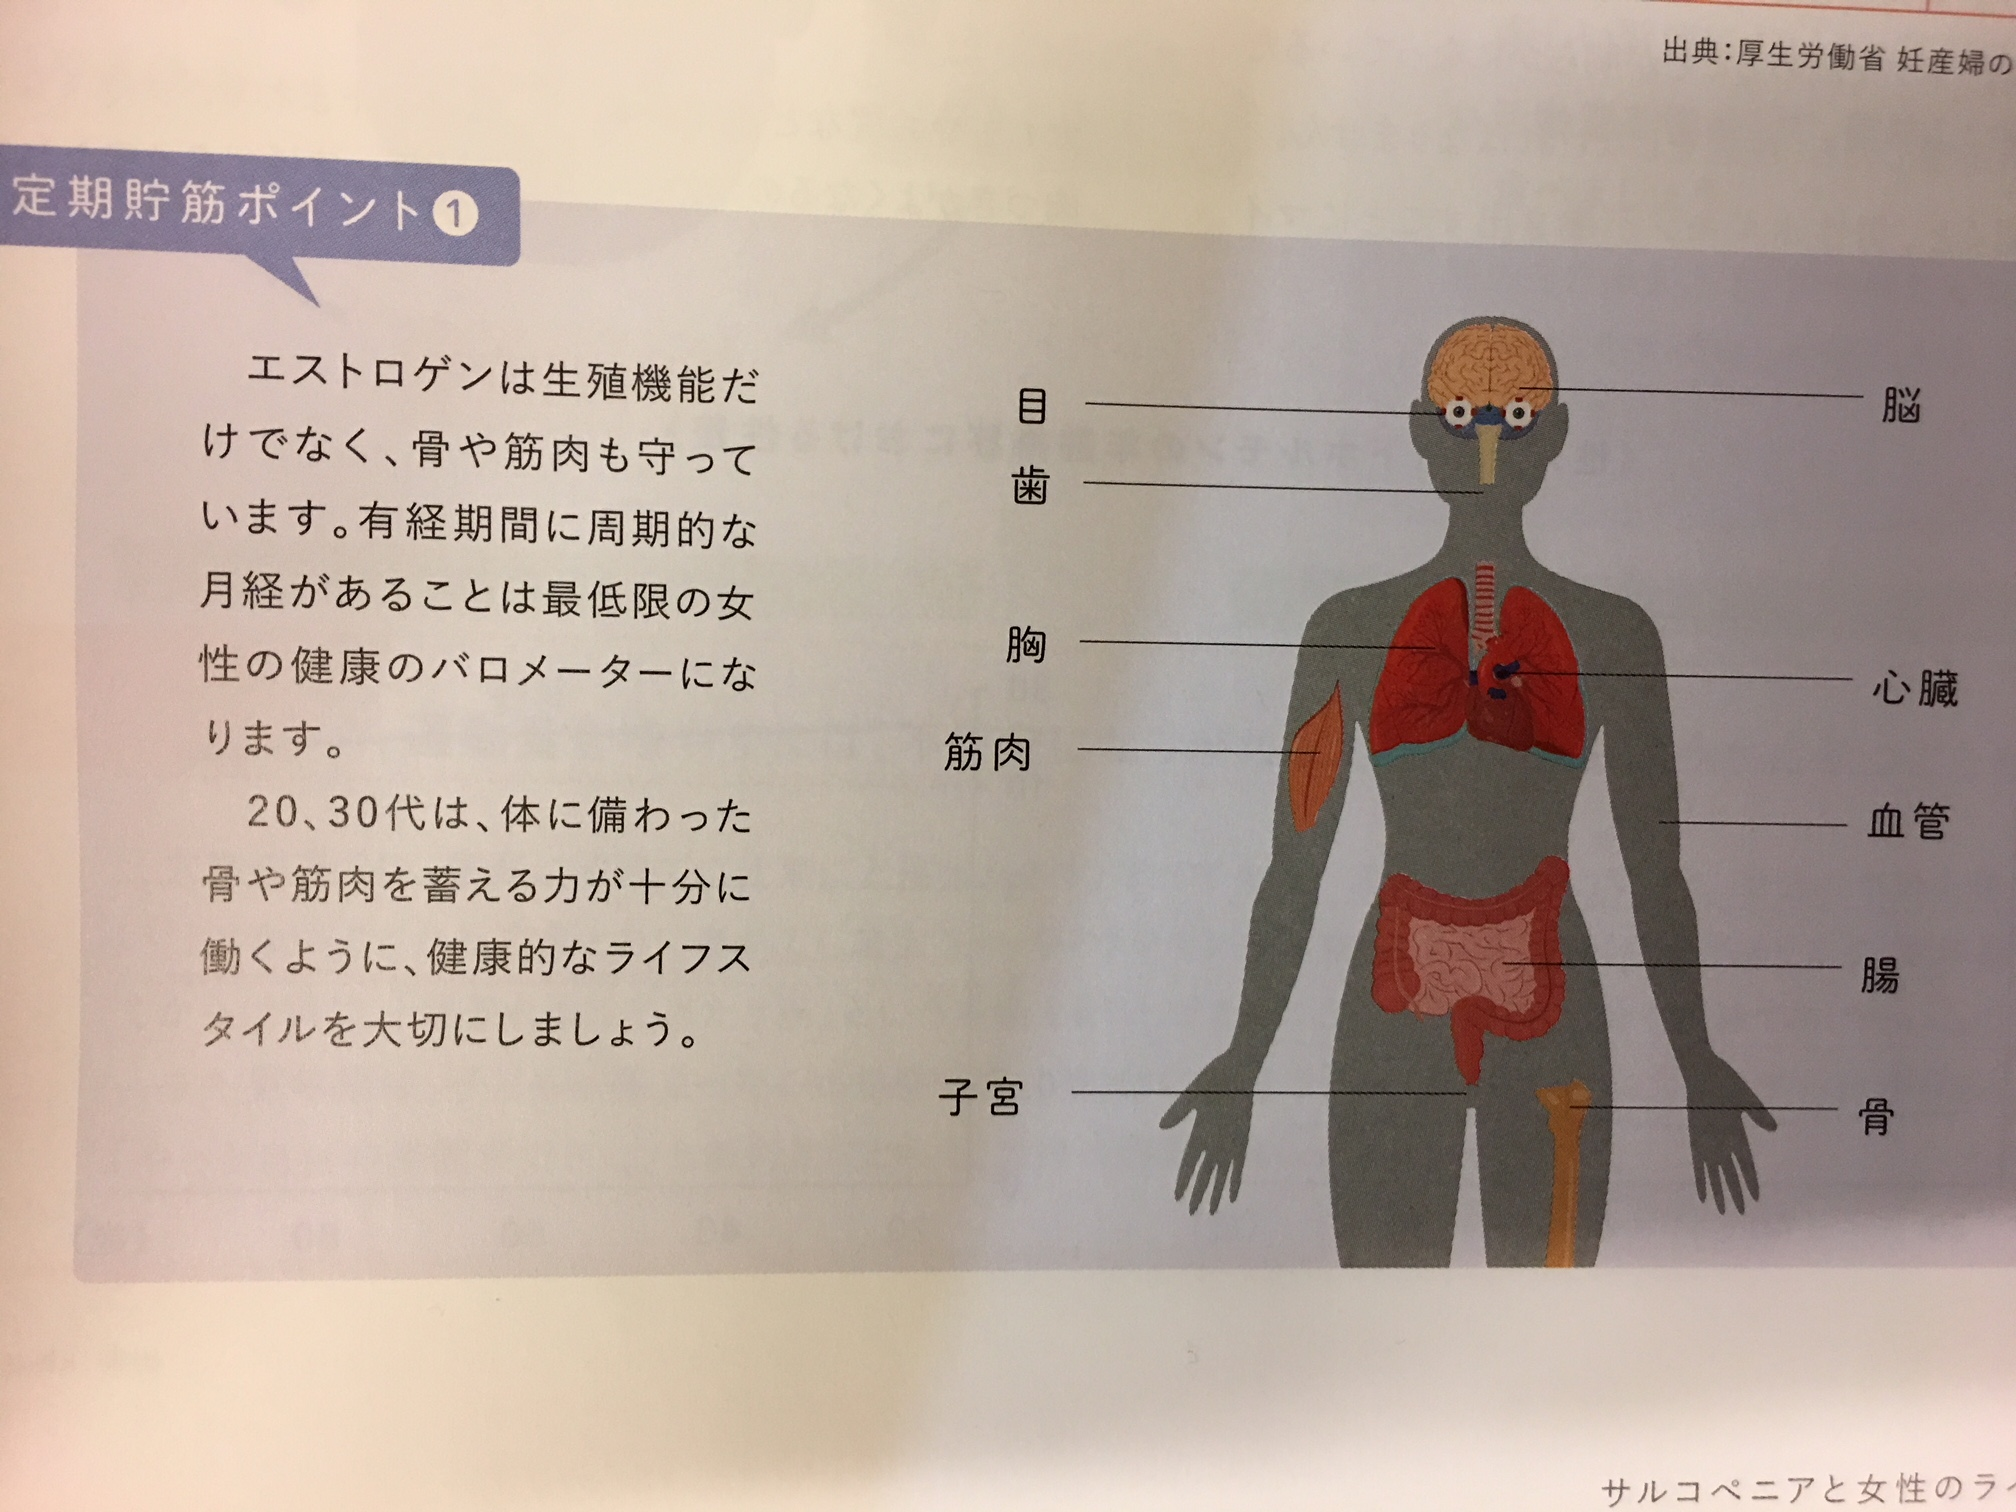 女性ホルモン エストロゲン http://www.ankh-jp.com